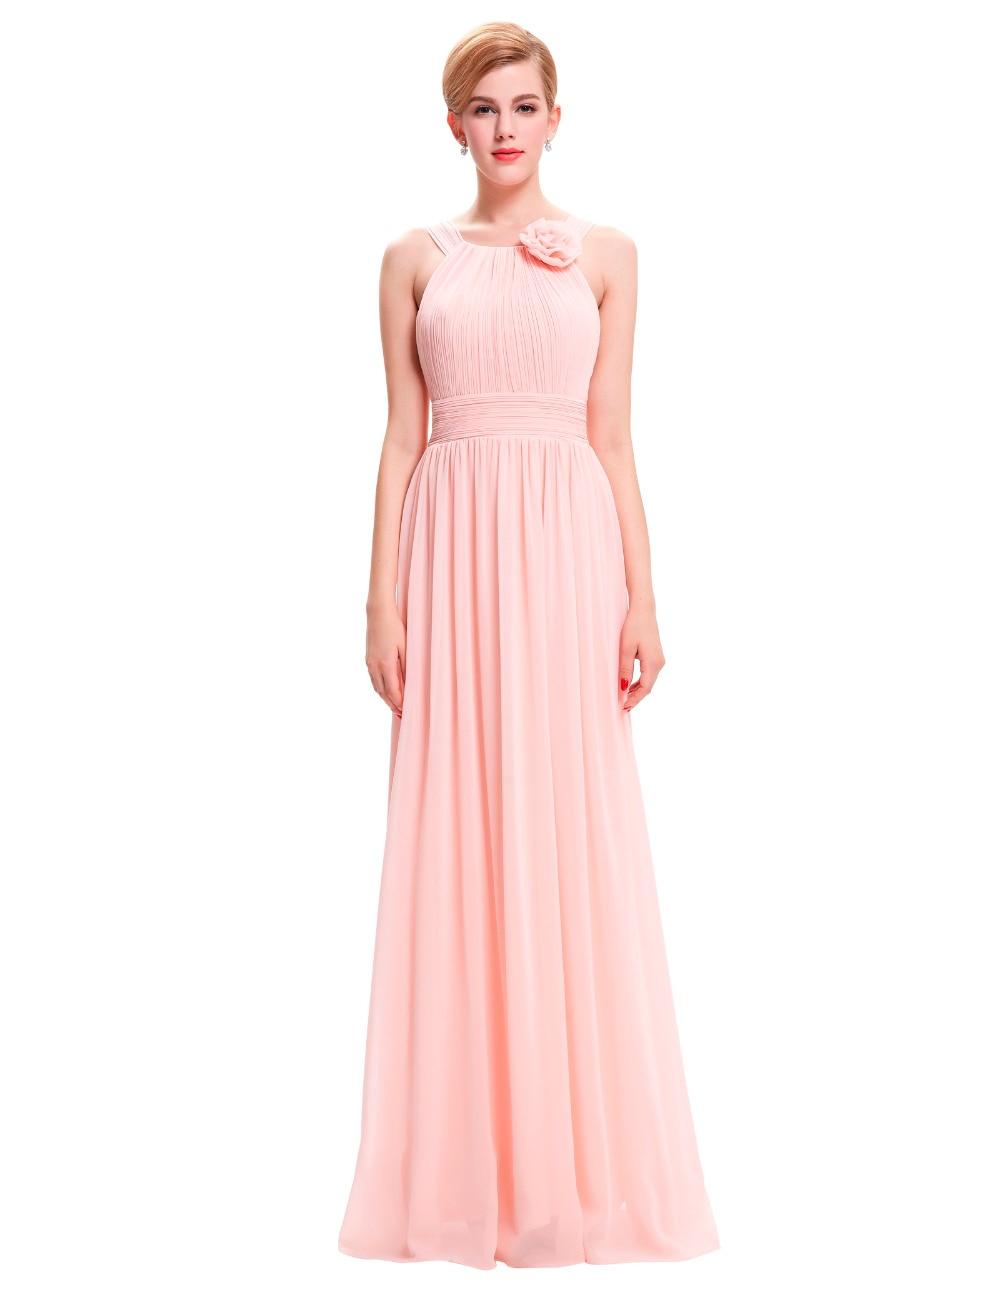 Erfreut Idream Prom Dresses Galerie - Brautkleider Ideen ...